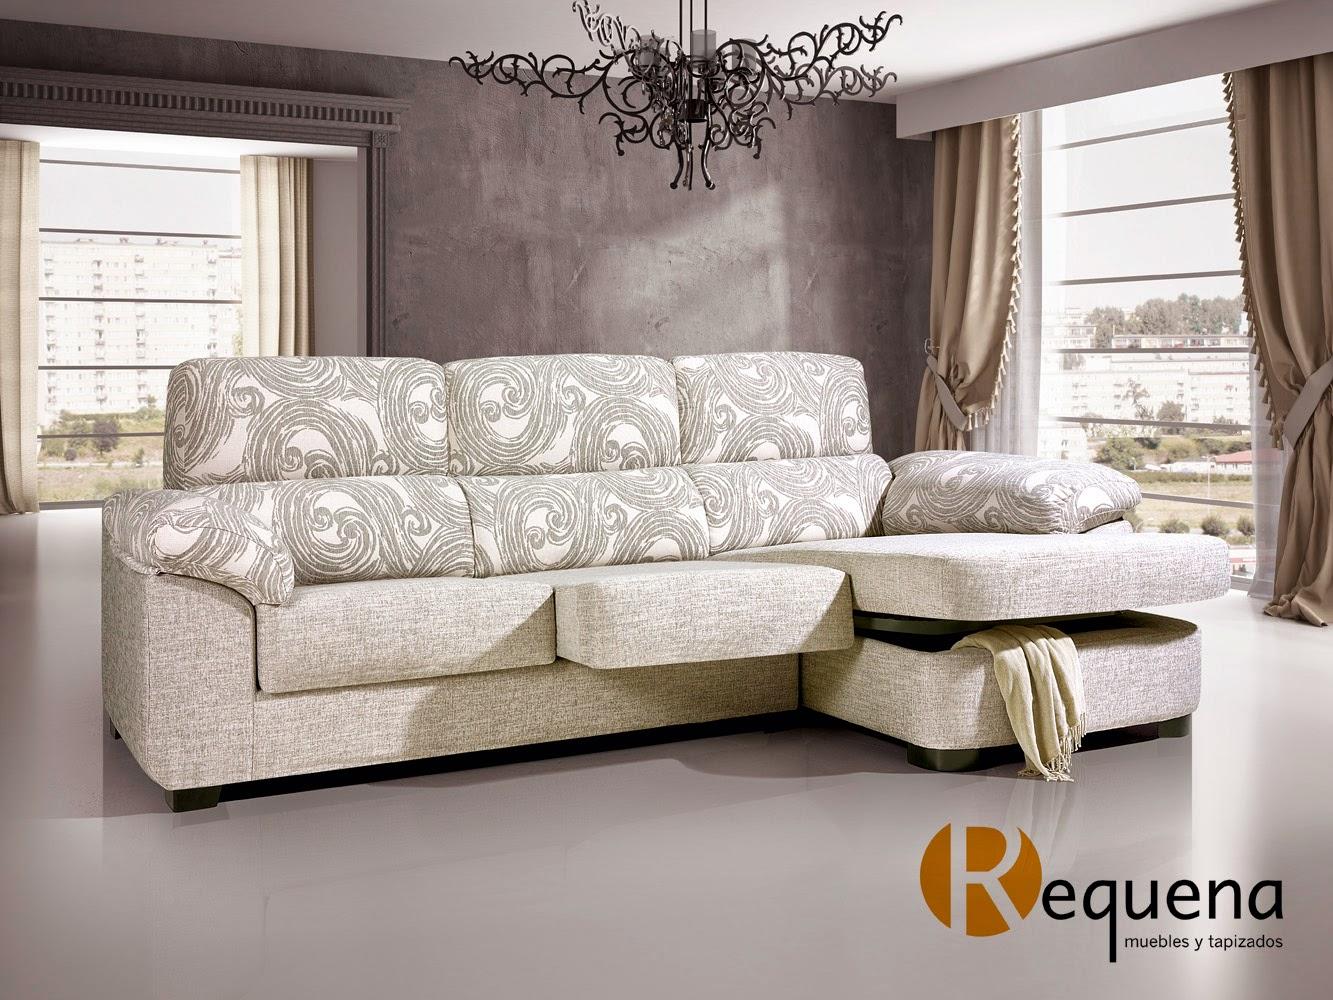 Muebles y tapizados requena liso o estampado c mo - Telas para sofa ...